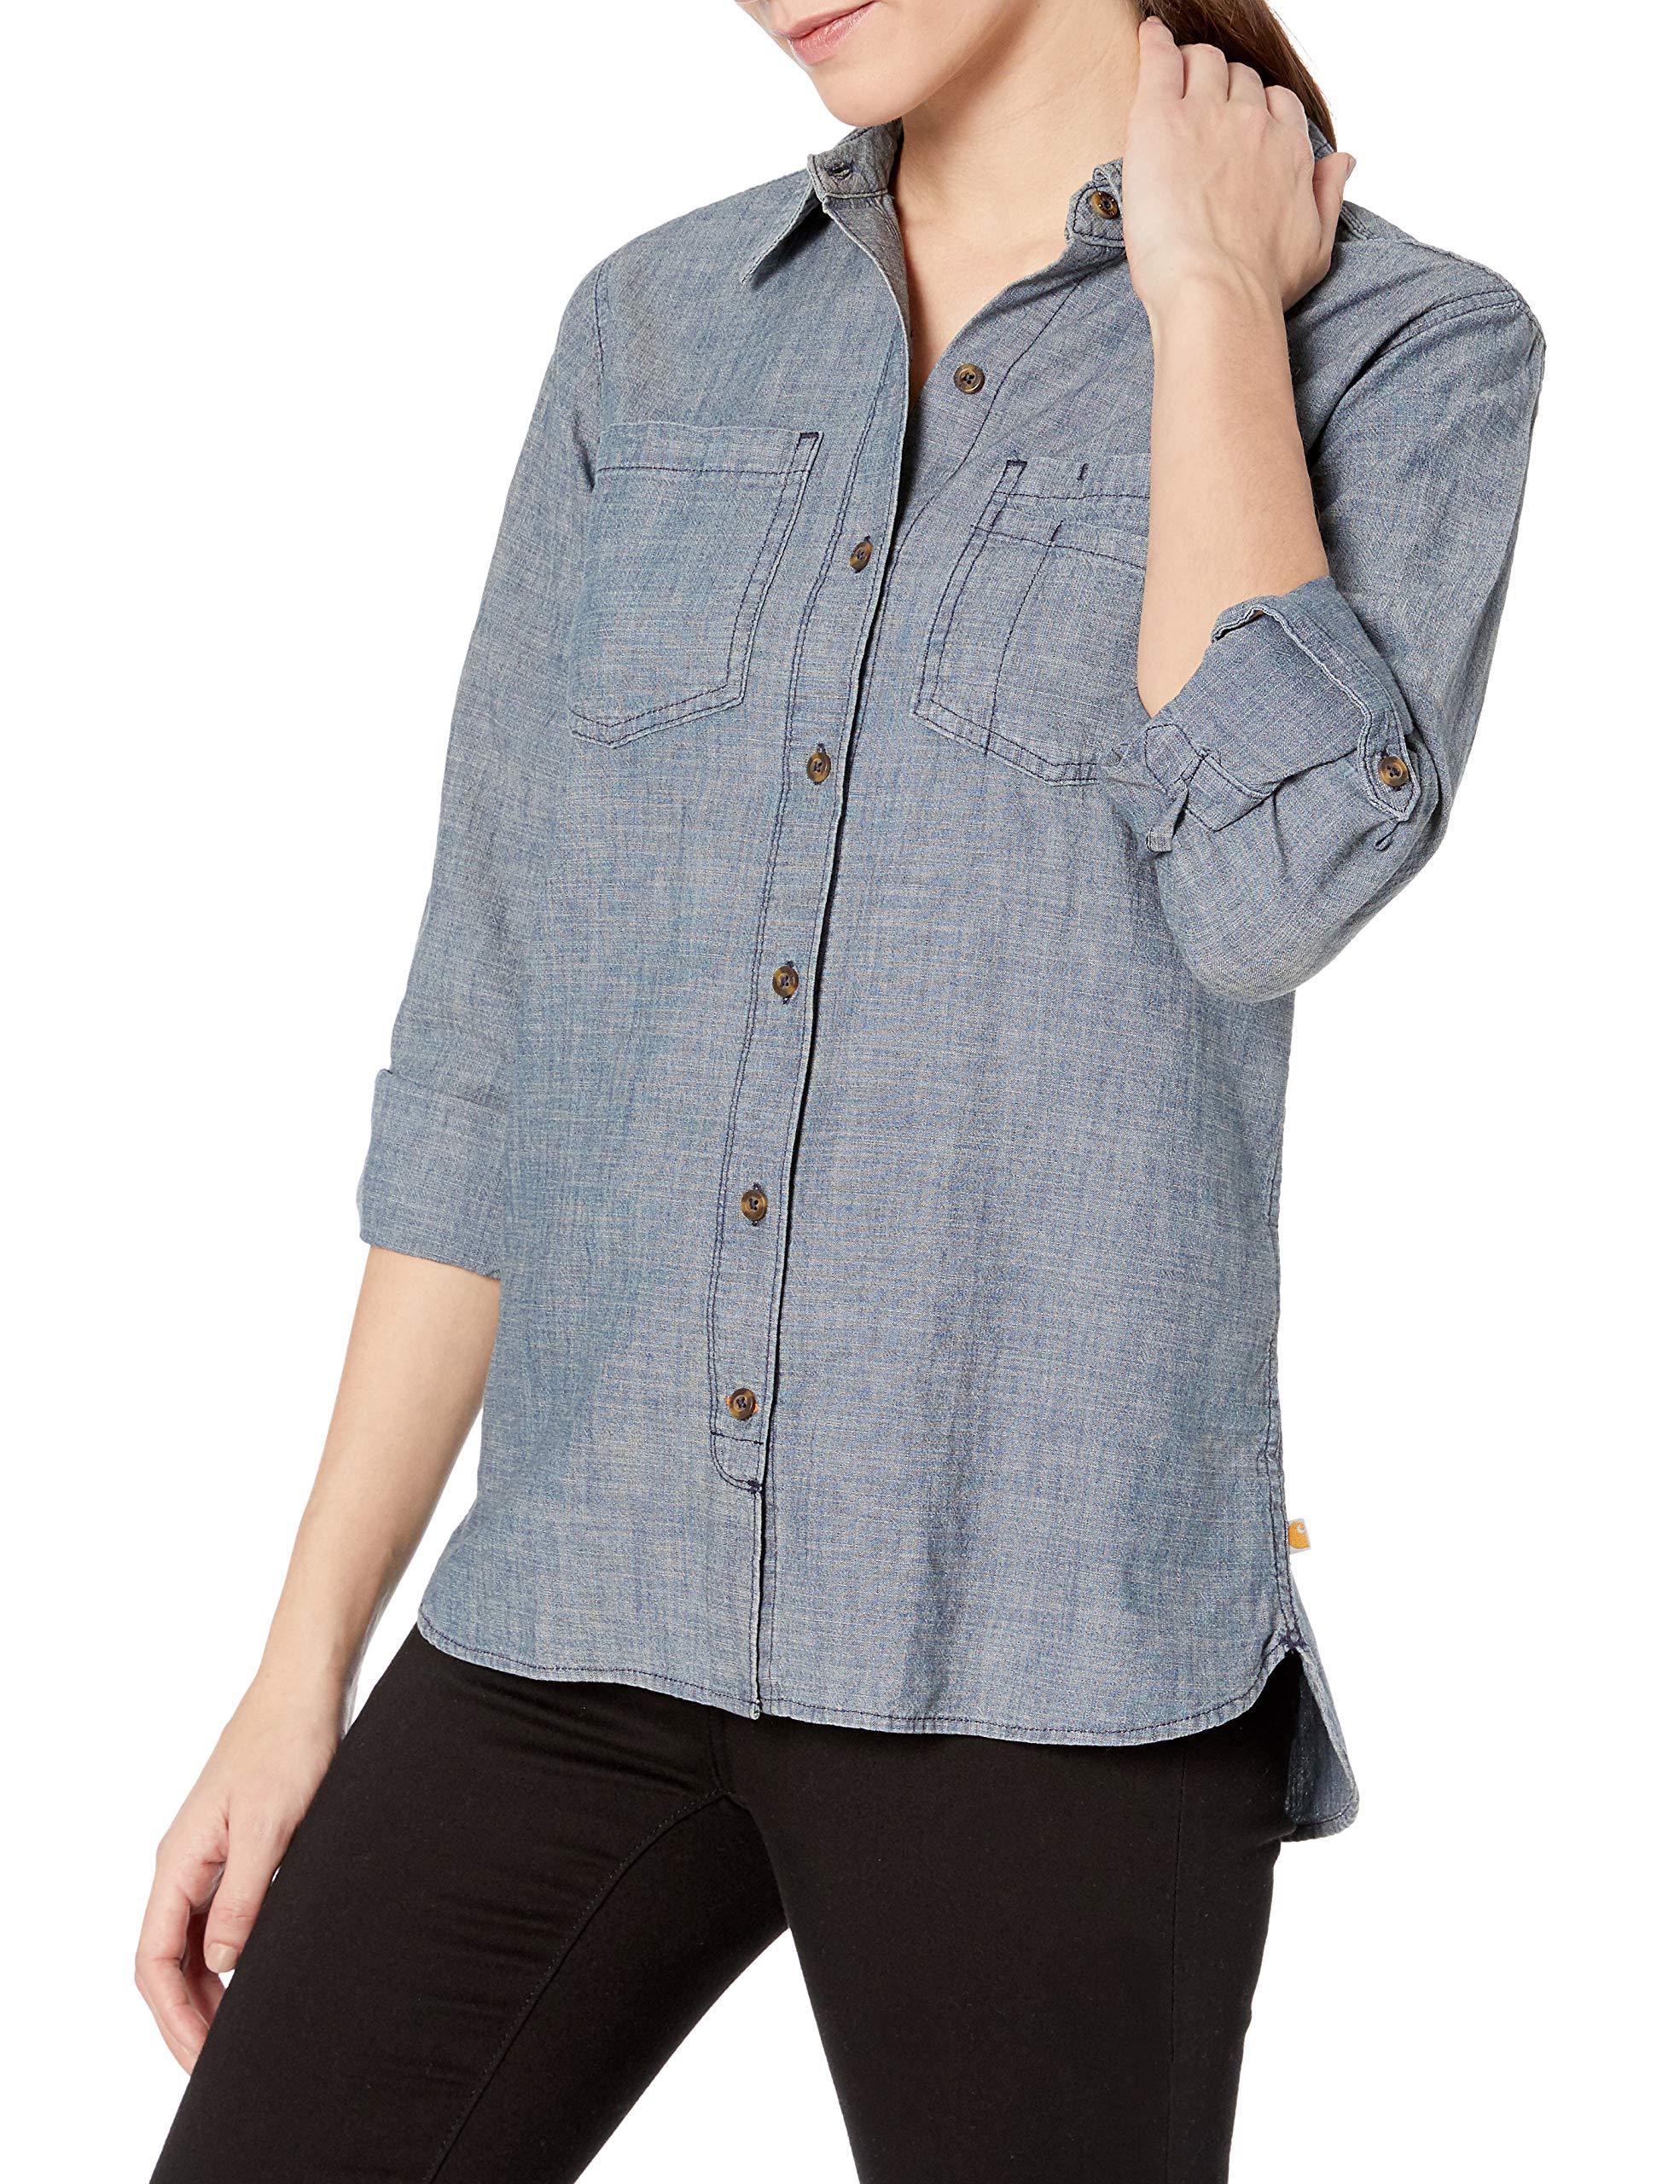 Carhartt Women's Fairview Solid Shirt